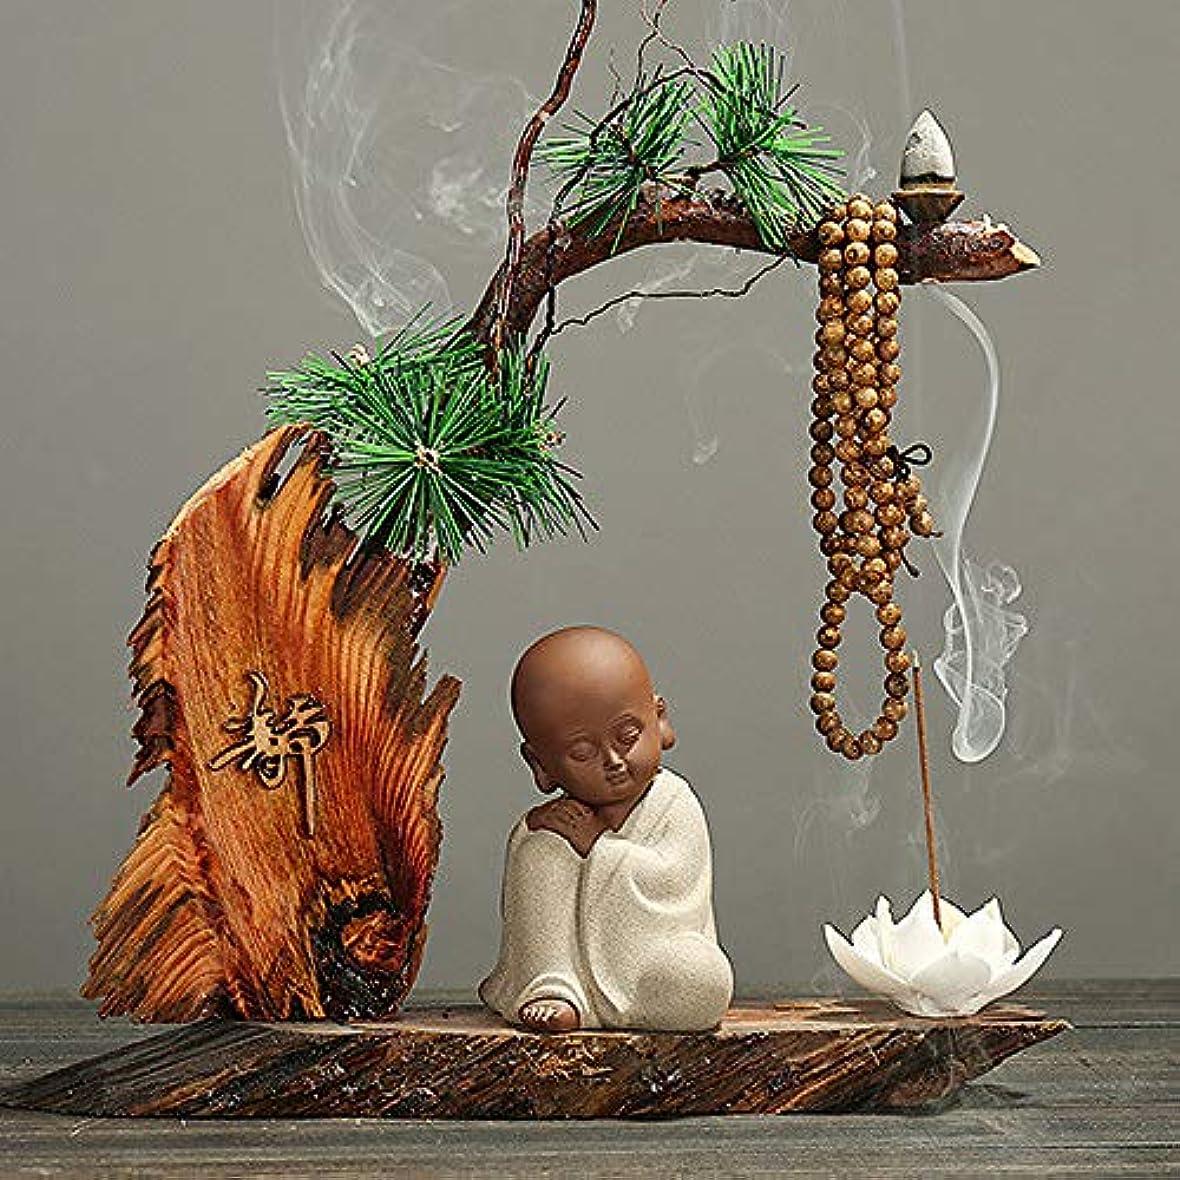 神話追加レギュラー景色のリターン香炉、家の芳香バーナー、陶磁器の香炉、陶磁器バーナー8 * 10cm